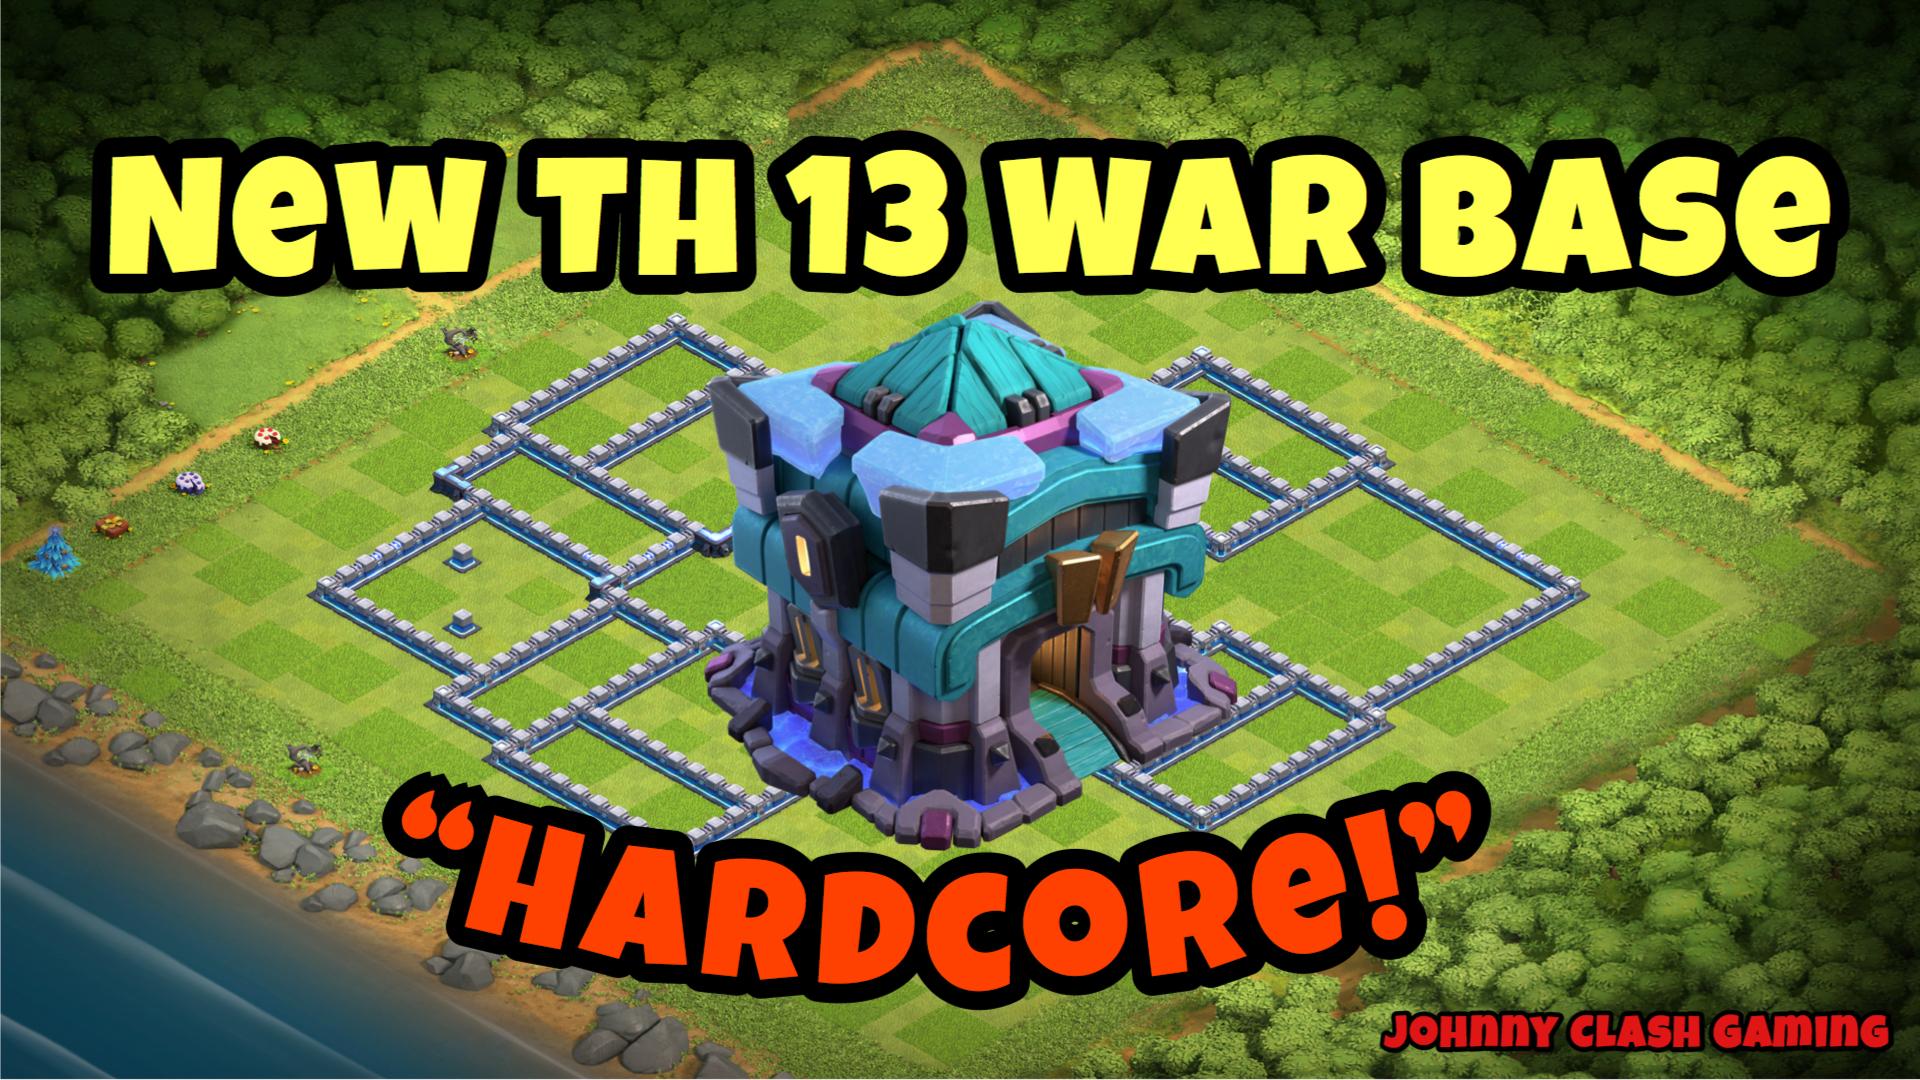 Nova Base De Guerra Th 13 Com 4 Replays Estrela Anti 3 Clash